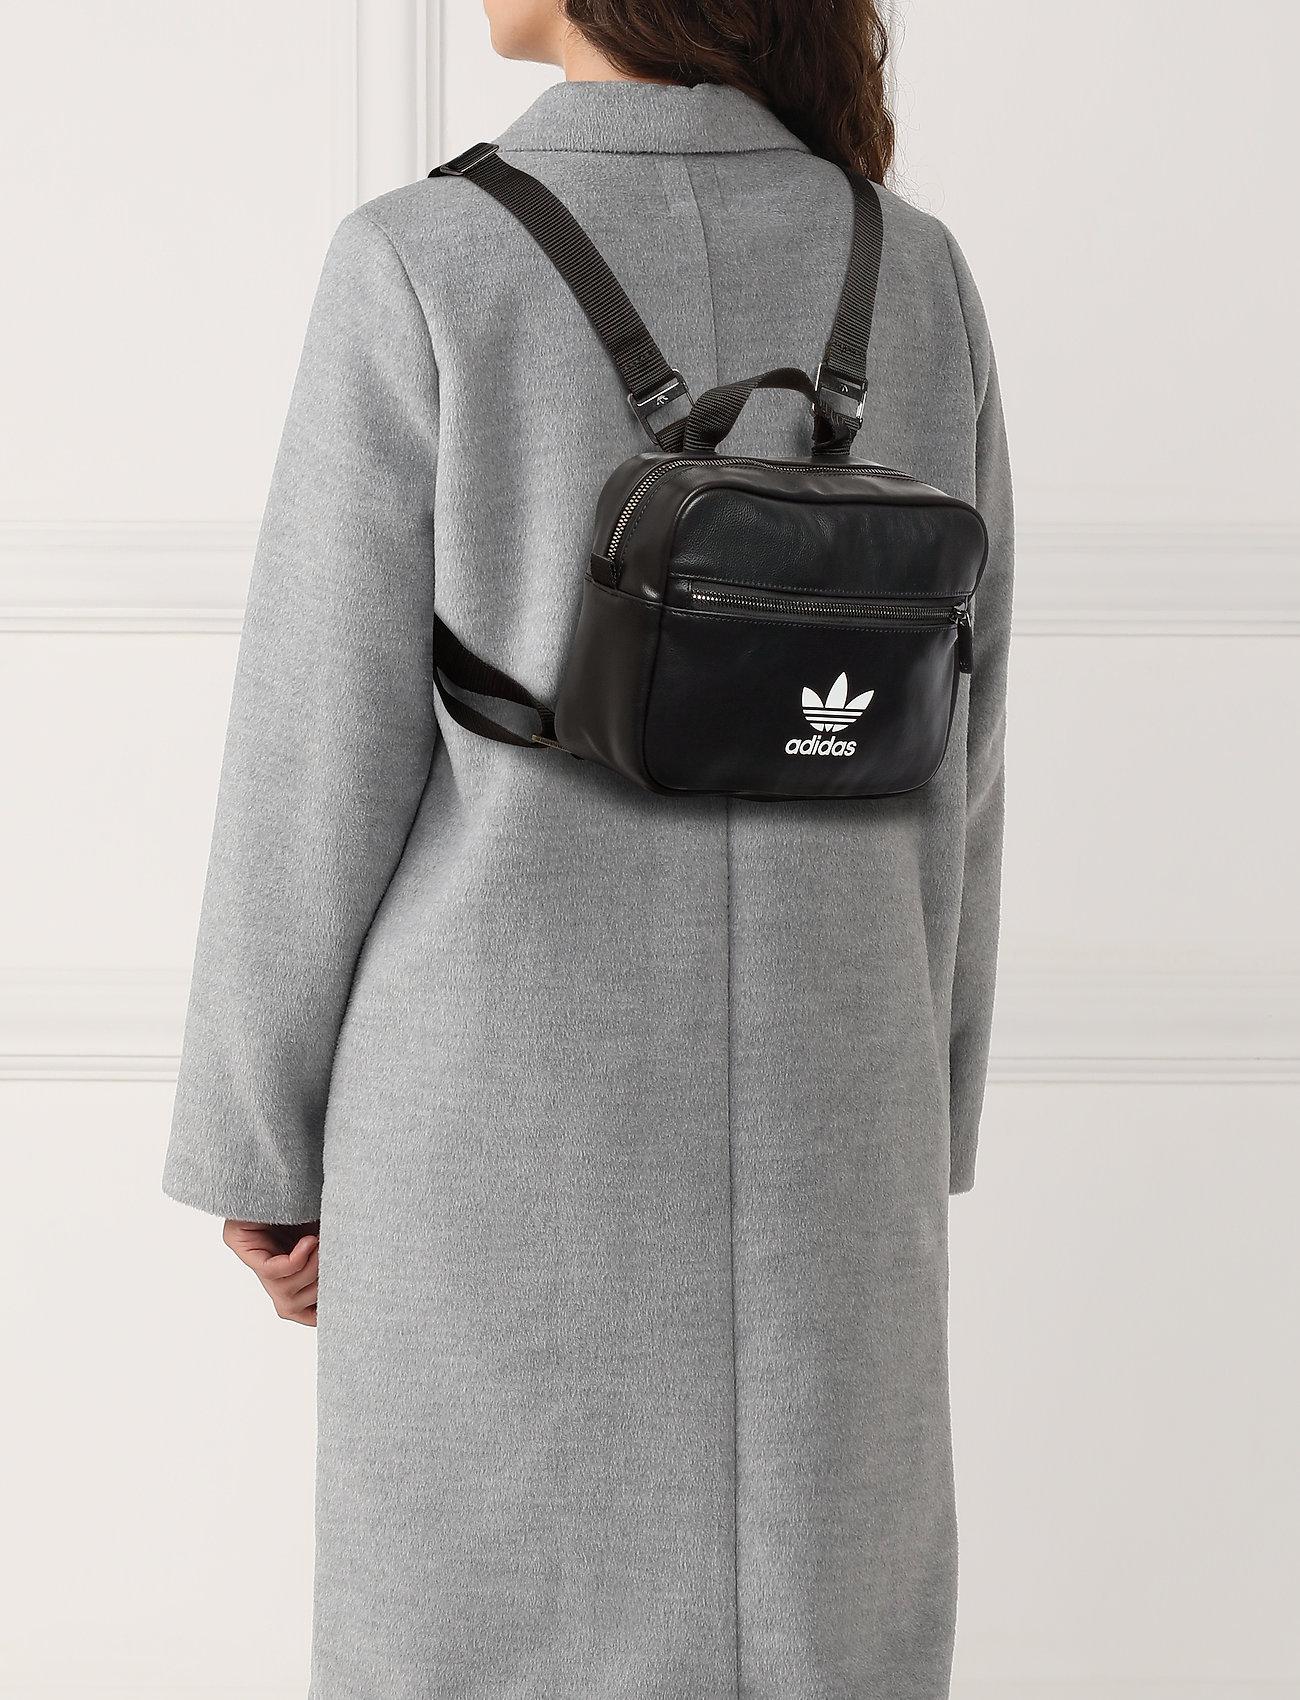 adidas Originals BP MINI AIRL - BLACK